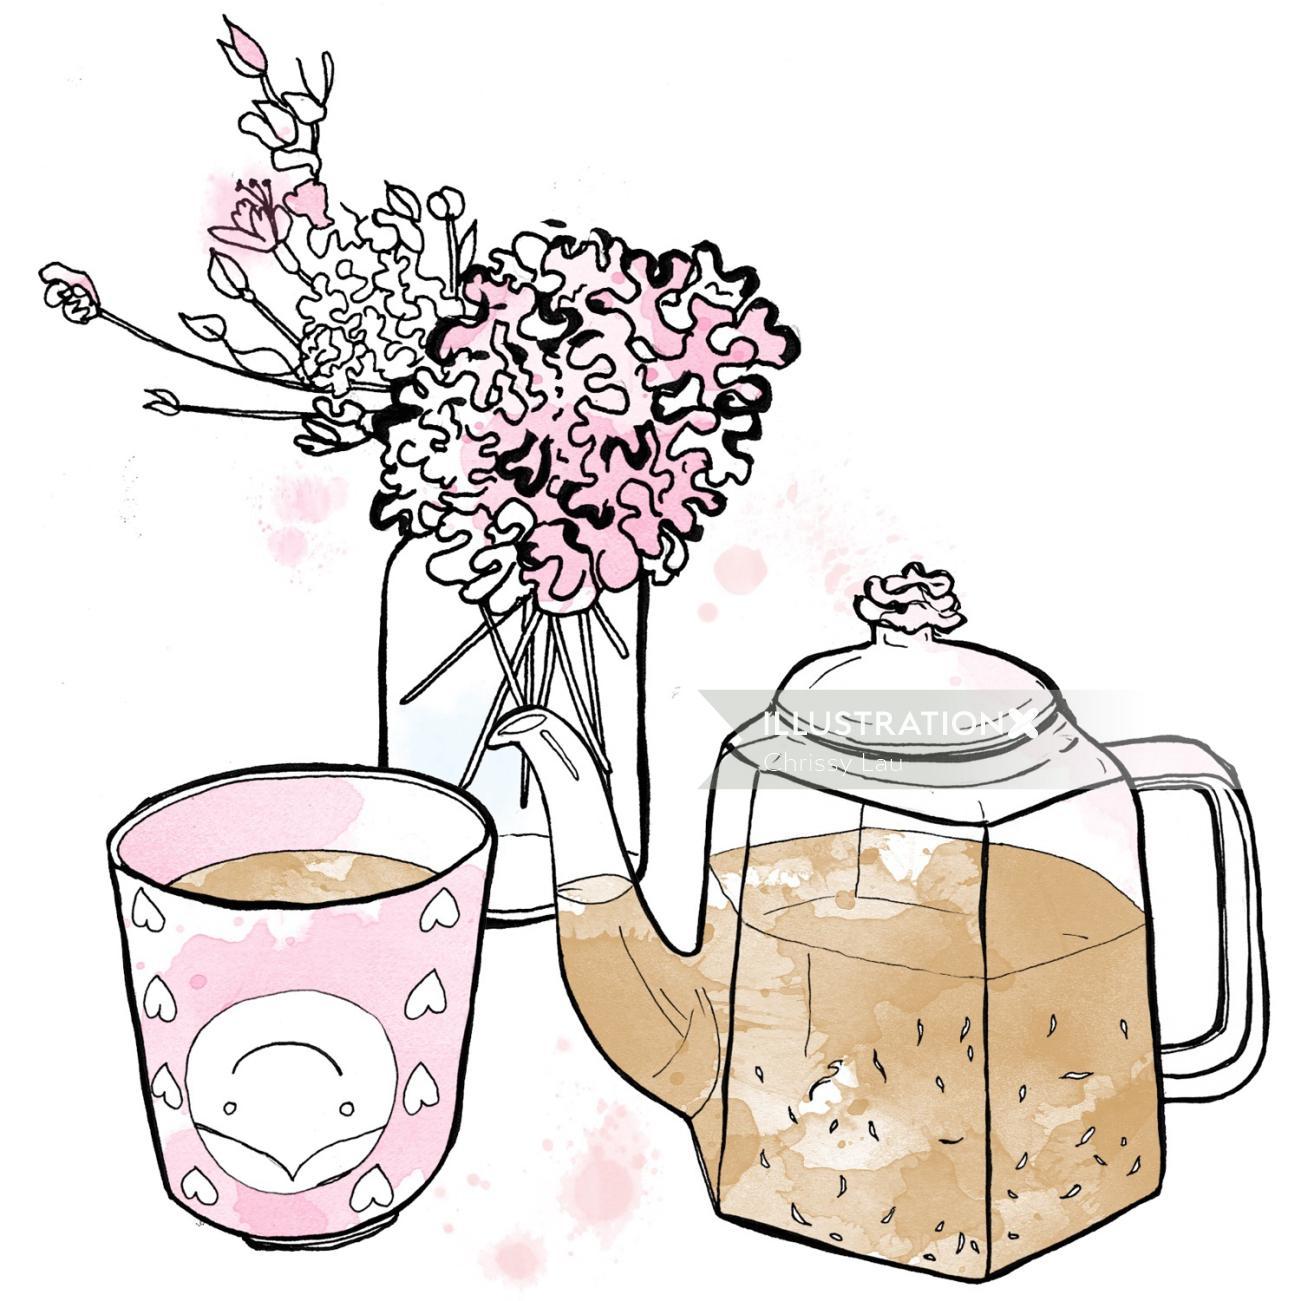 Art  of Teapot and teacup